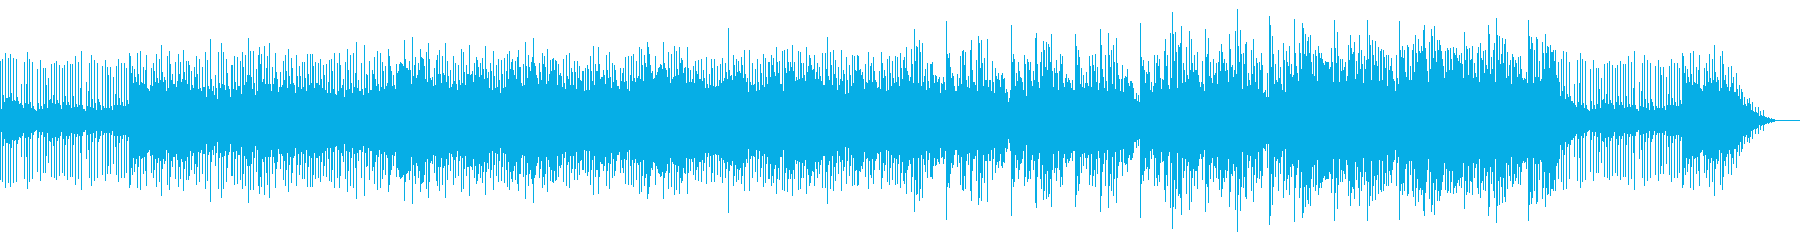 謎解きの解説時に適した曲の再生済みの波形